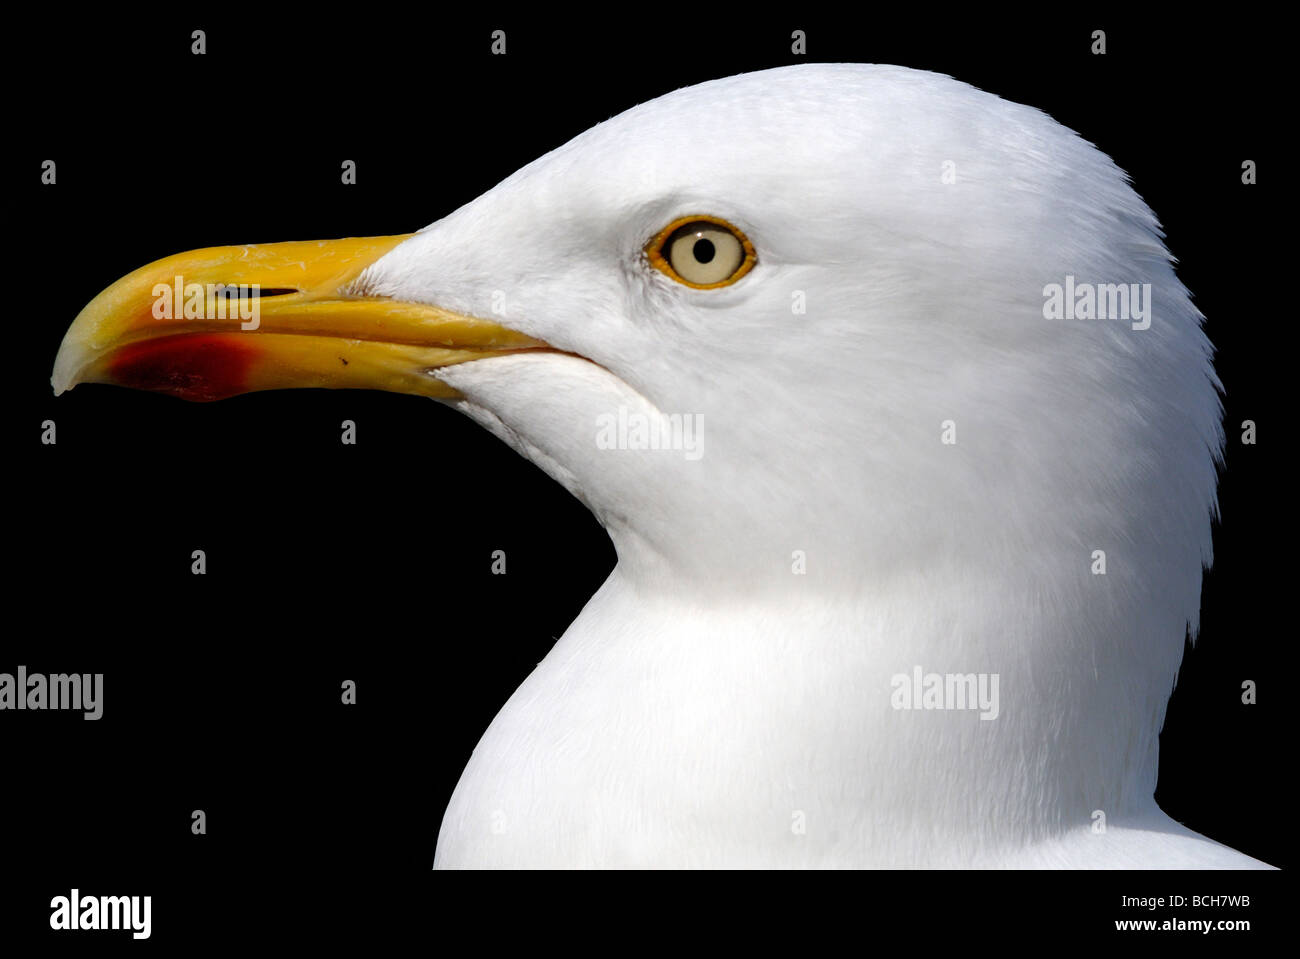 Portrait of a Herring Gull (Larus argentatus). Stock Photo